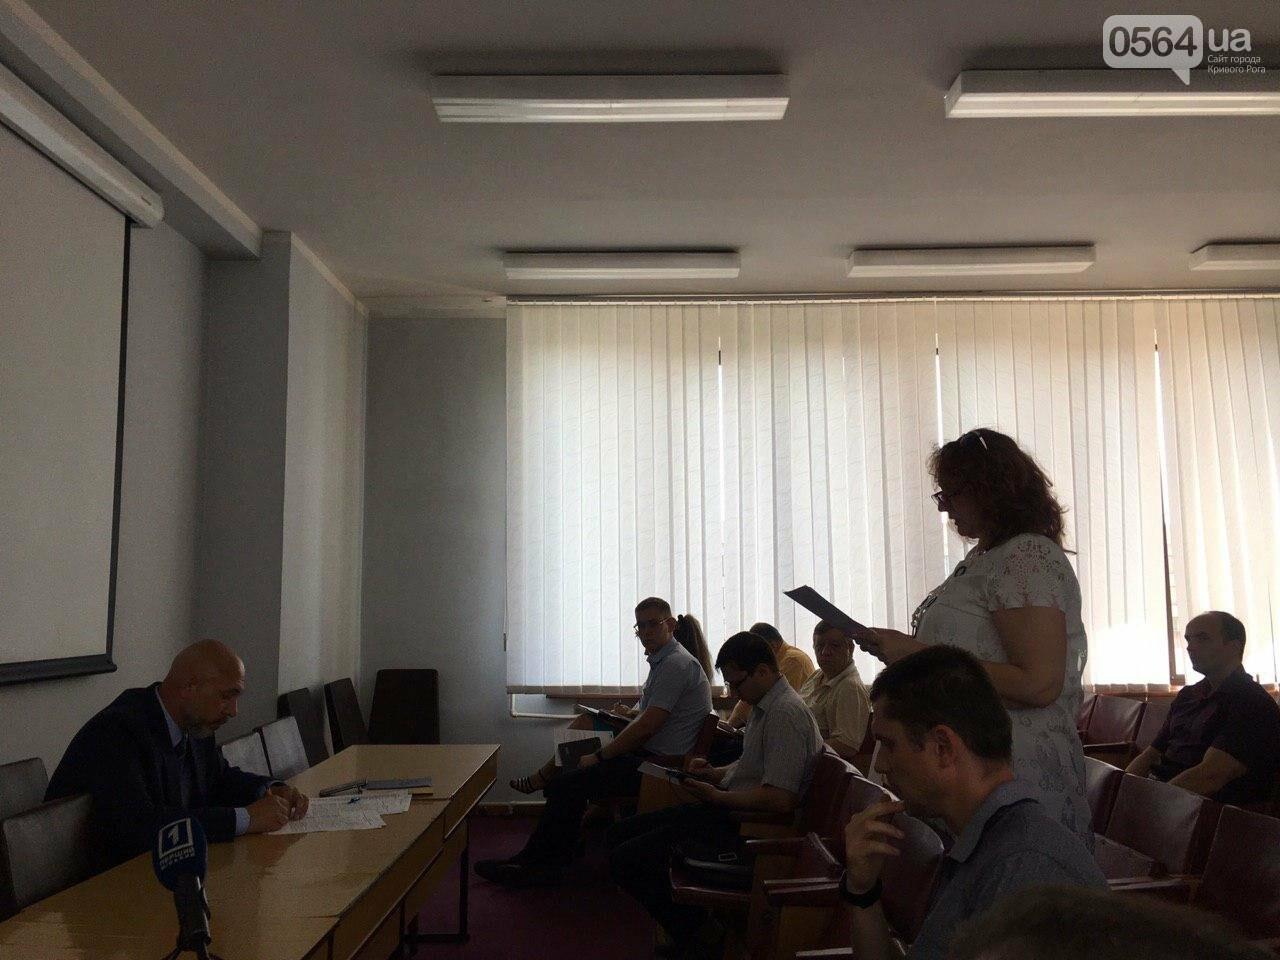 Криворожское КП пытается подготовится к отопительному сезону, несмотря на долг в полмиллиарда, - ФОТО , фото-21